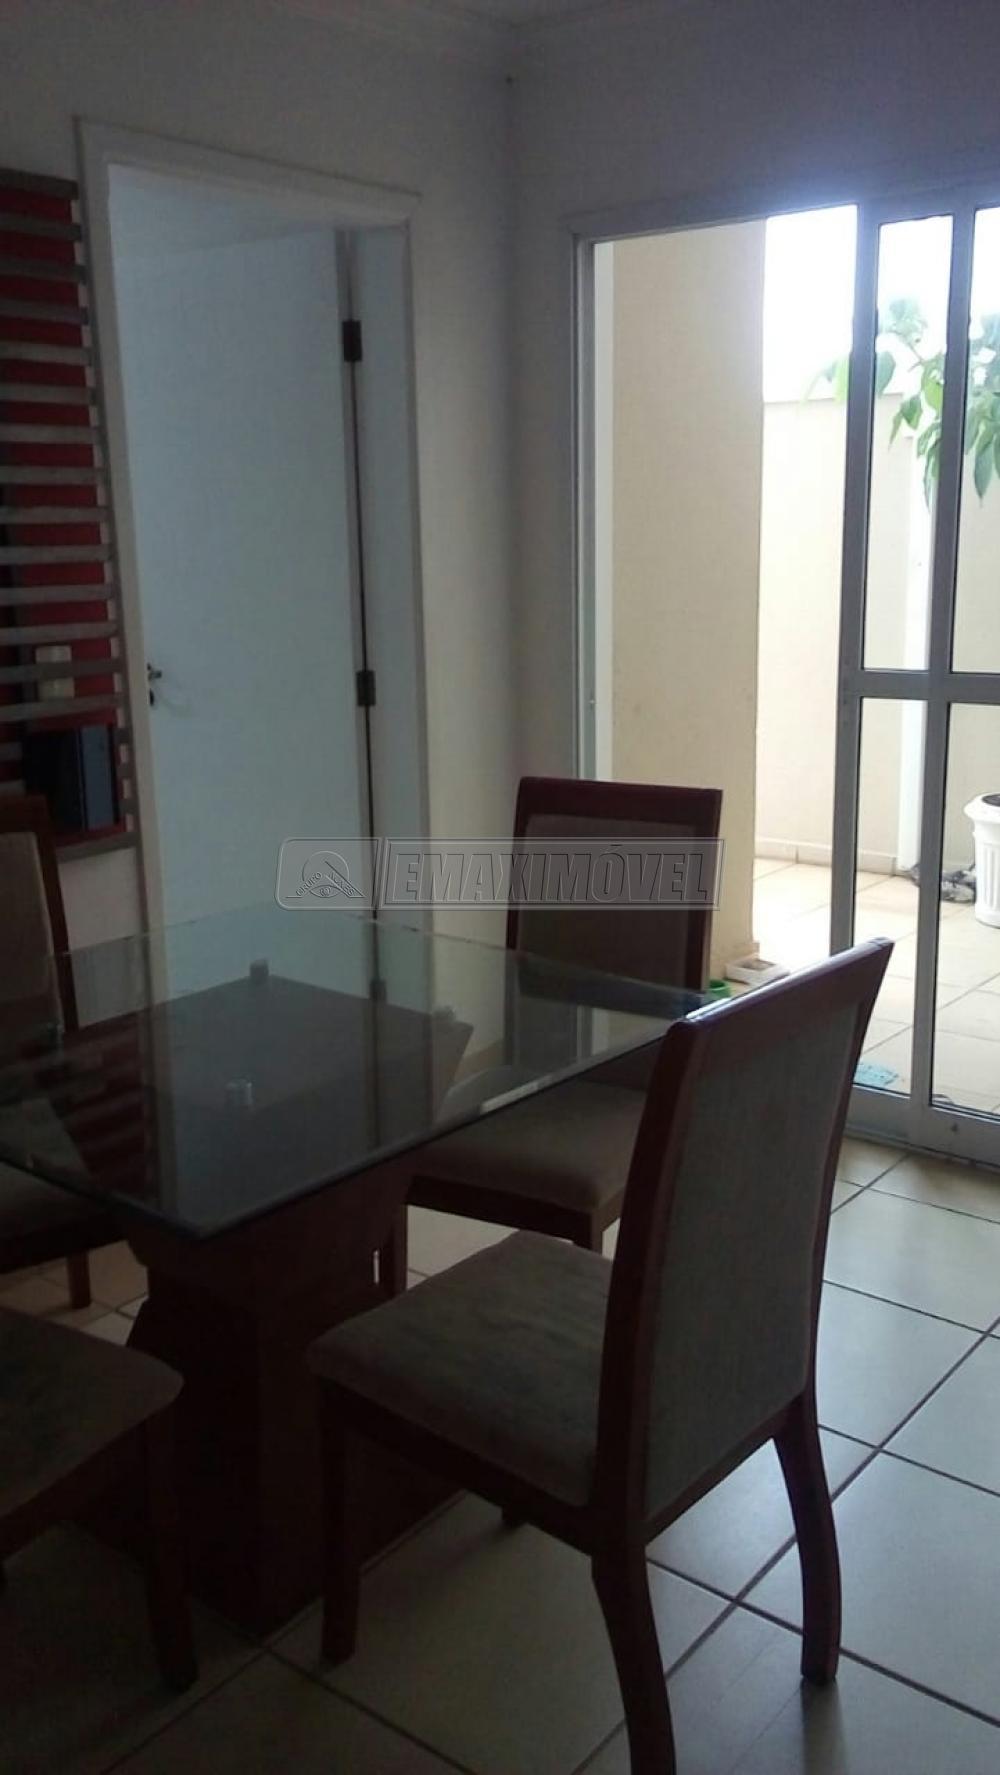 Comprar Apartamentos / Apto Padrão em Sorocaba apenas R$ 395.000,00 - Foto 4